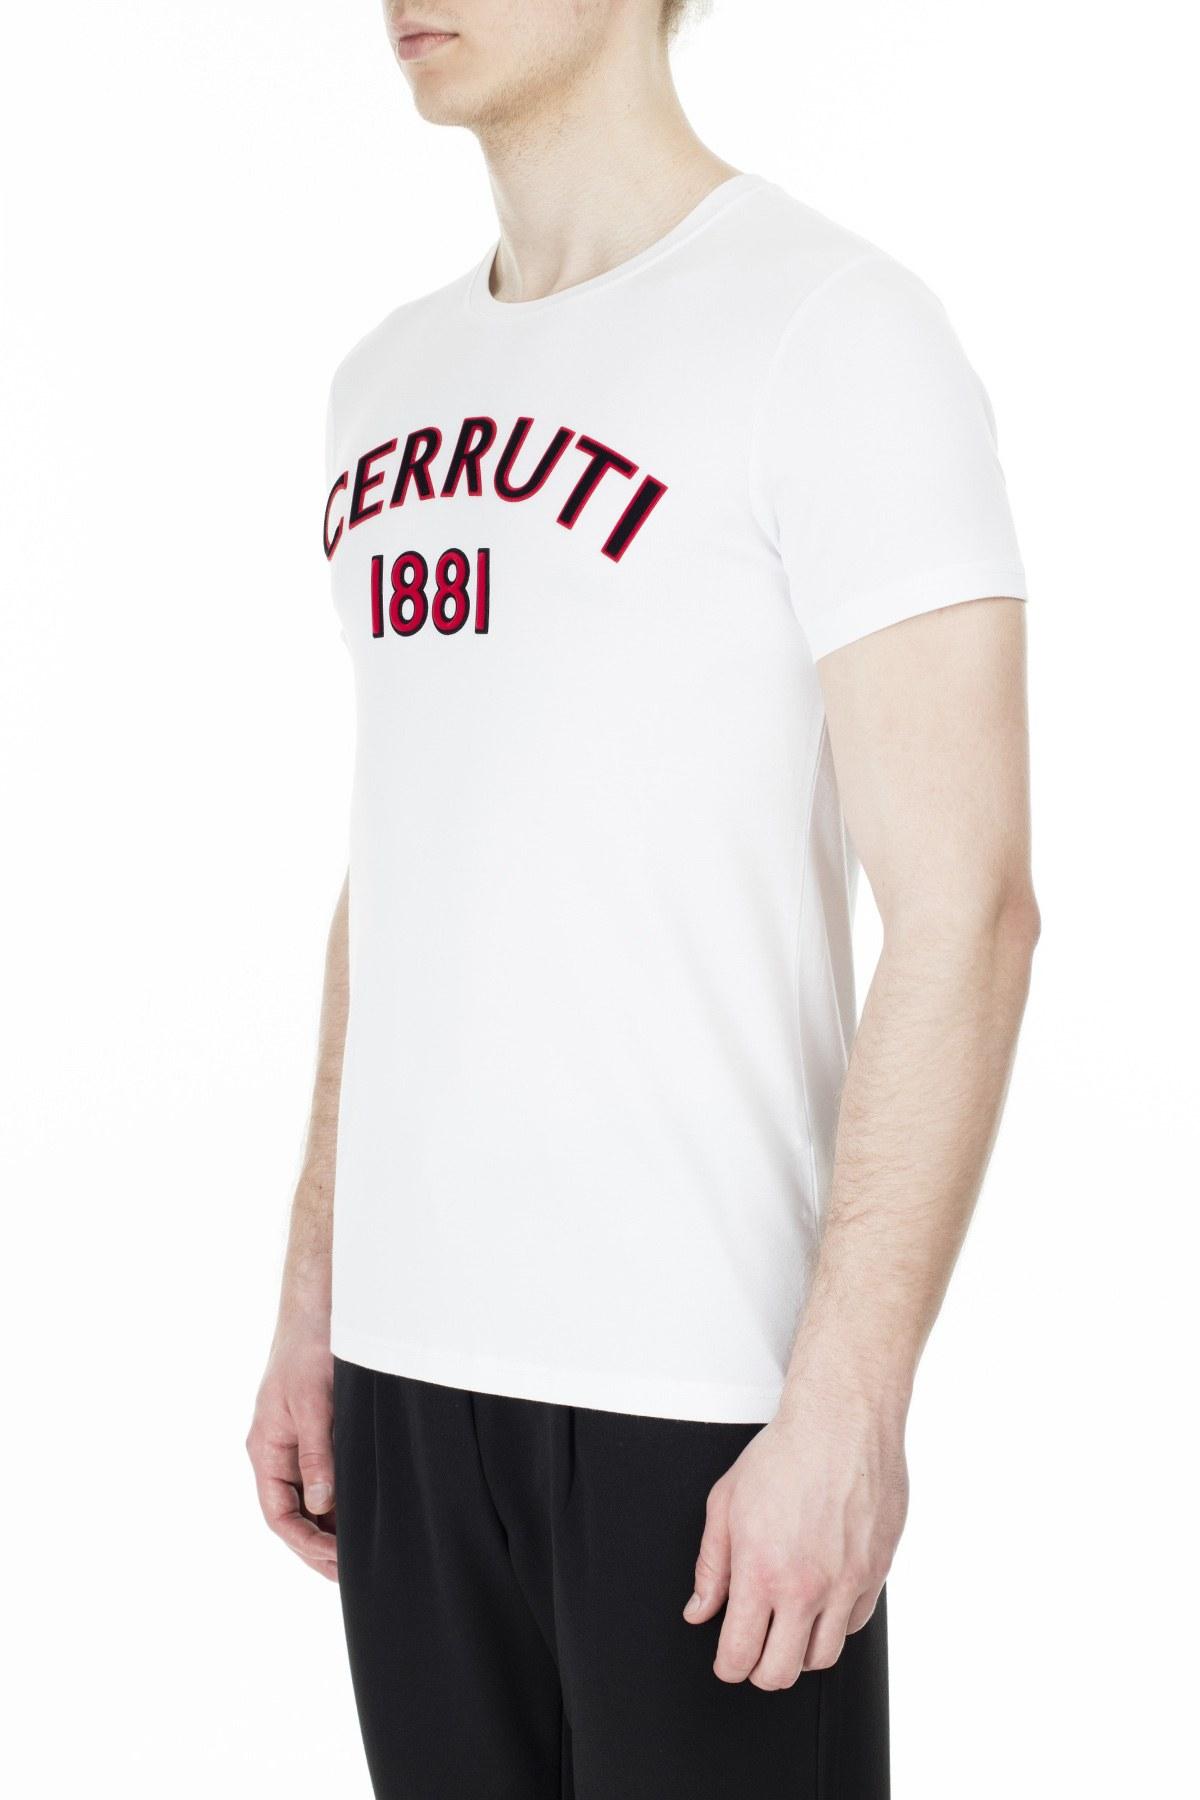 Cerruti 1881 Erkek T Shirt 203-001728 BEYAZ